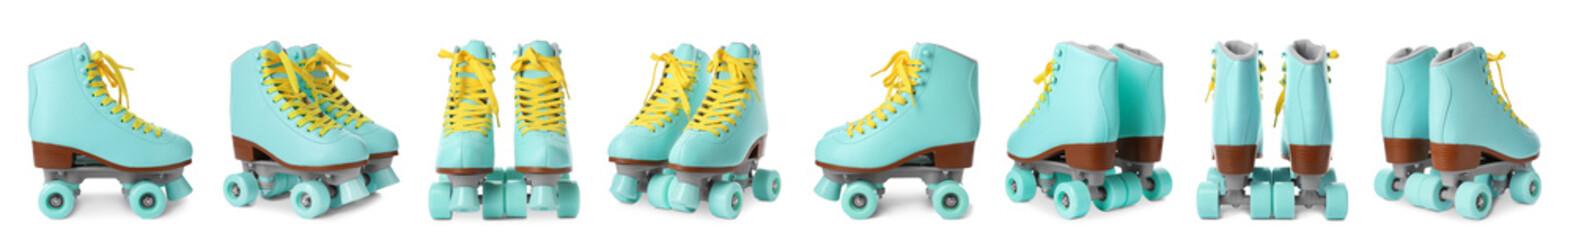 Set with stylish roller skates on white background